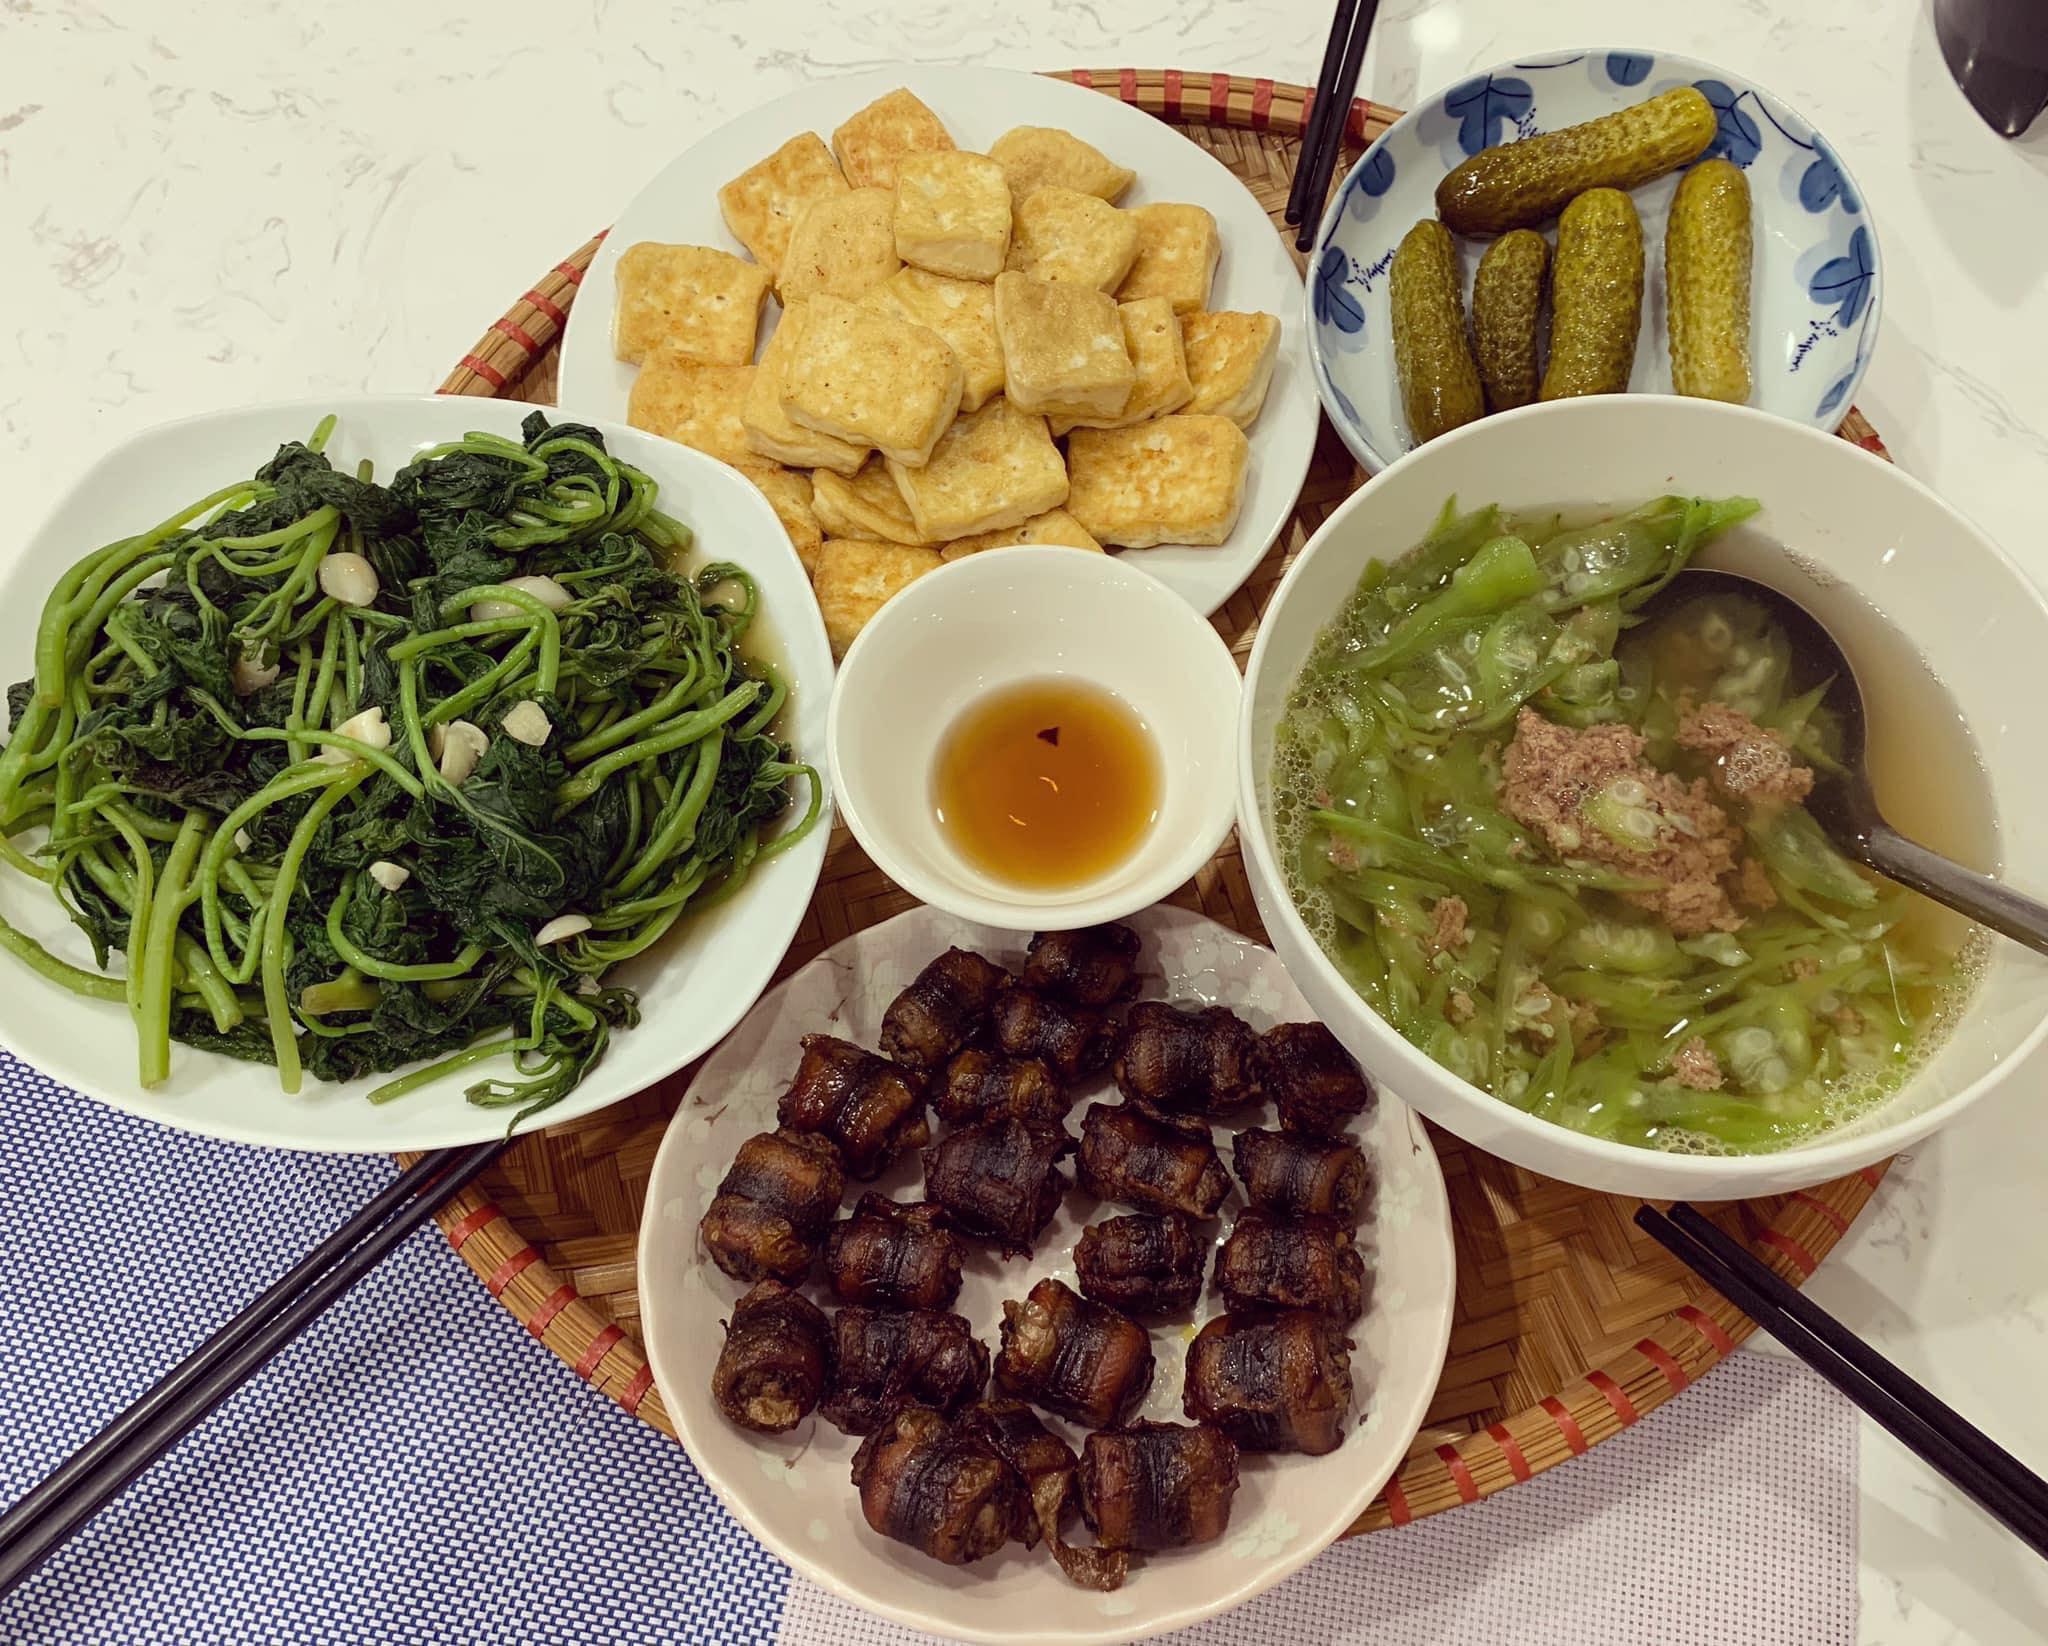 Chi phí chỉ từ 100k nhưng mỗi bữa cơm của bà nội trợ Hà Nội đều tươm tất đủ món thơm ngon, bổ dưỡng cho mọi thành viên gia đình - Ảnh 8.